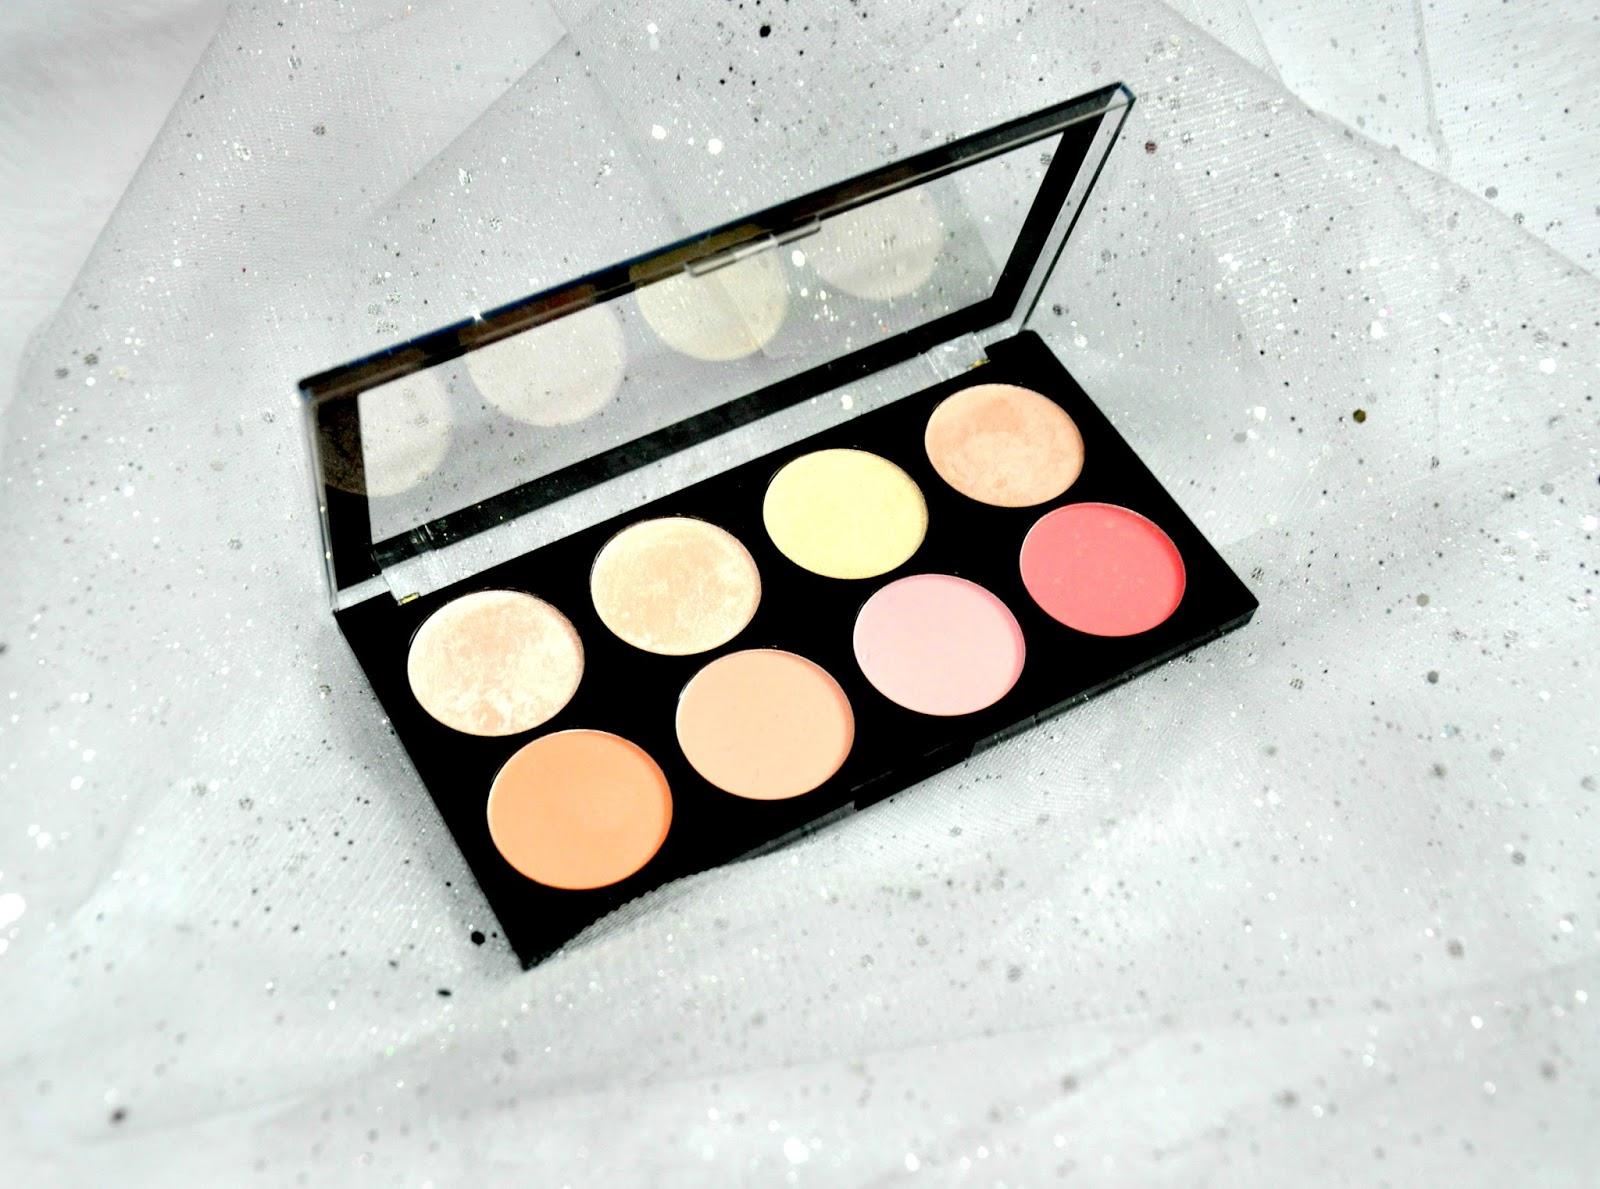 RÓŻOWO I BŁYSZCZĄCO - Makeup Revolution Blush Palette Blush Goddess